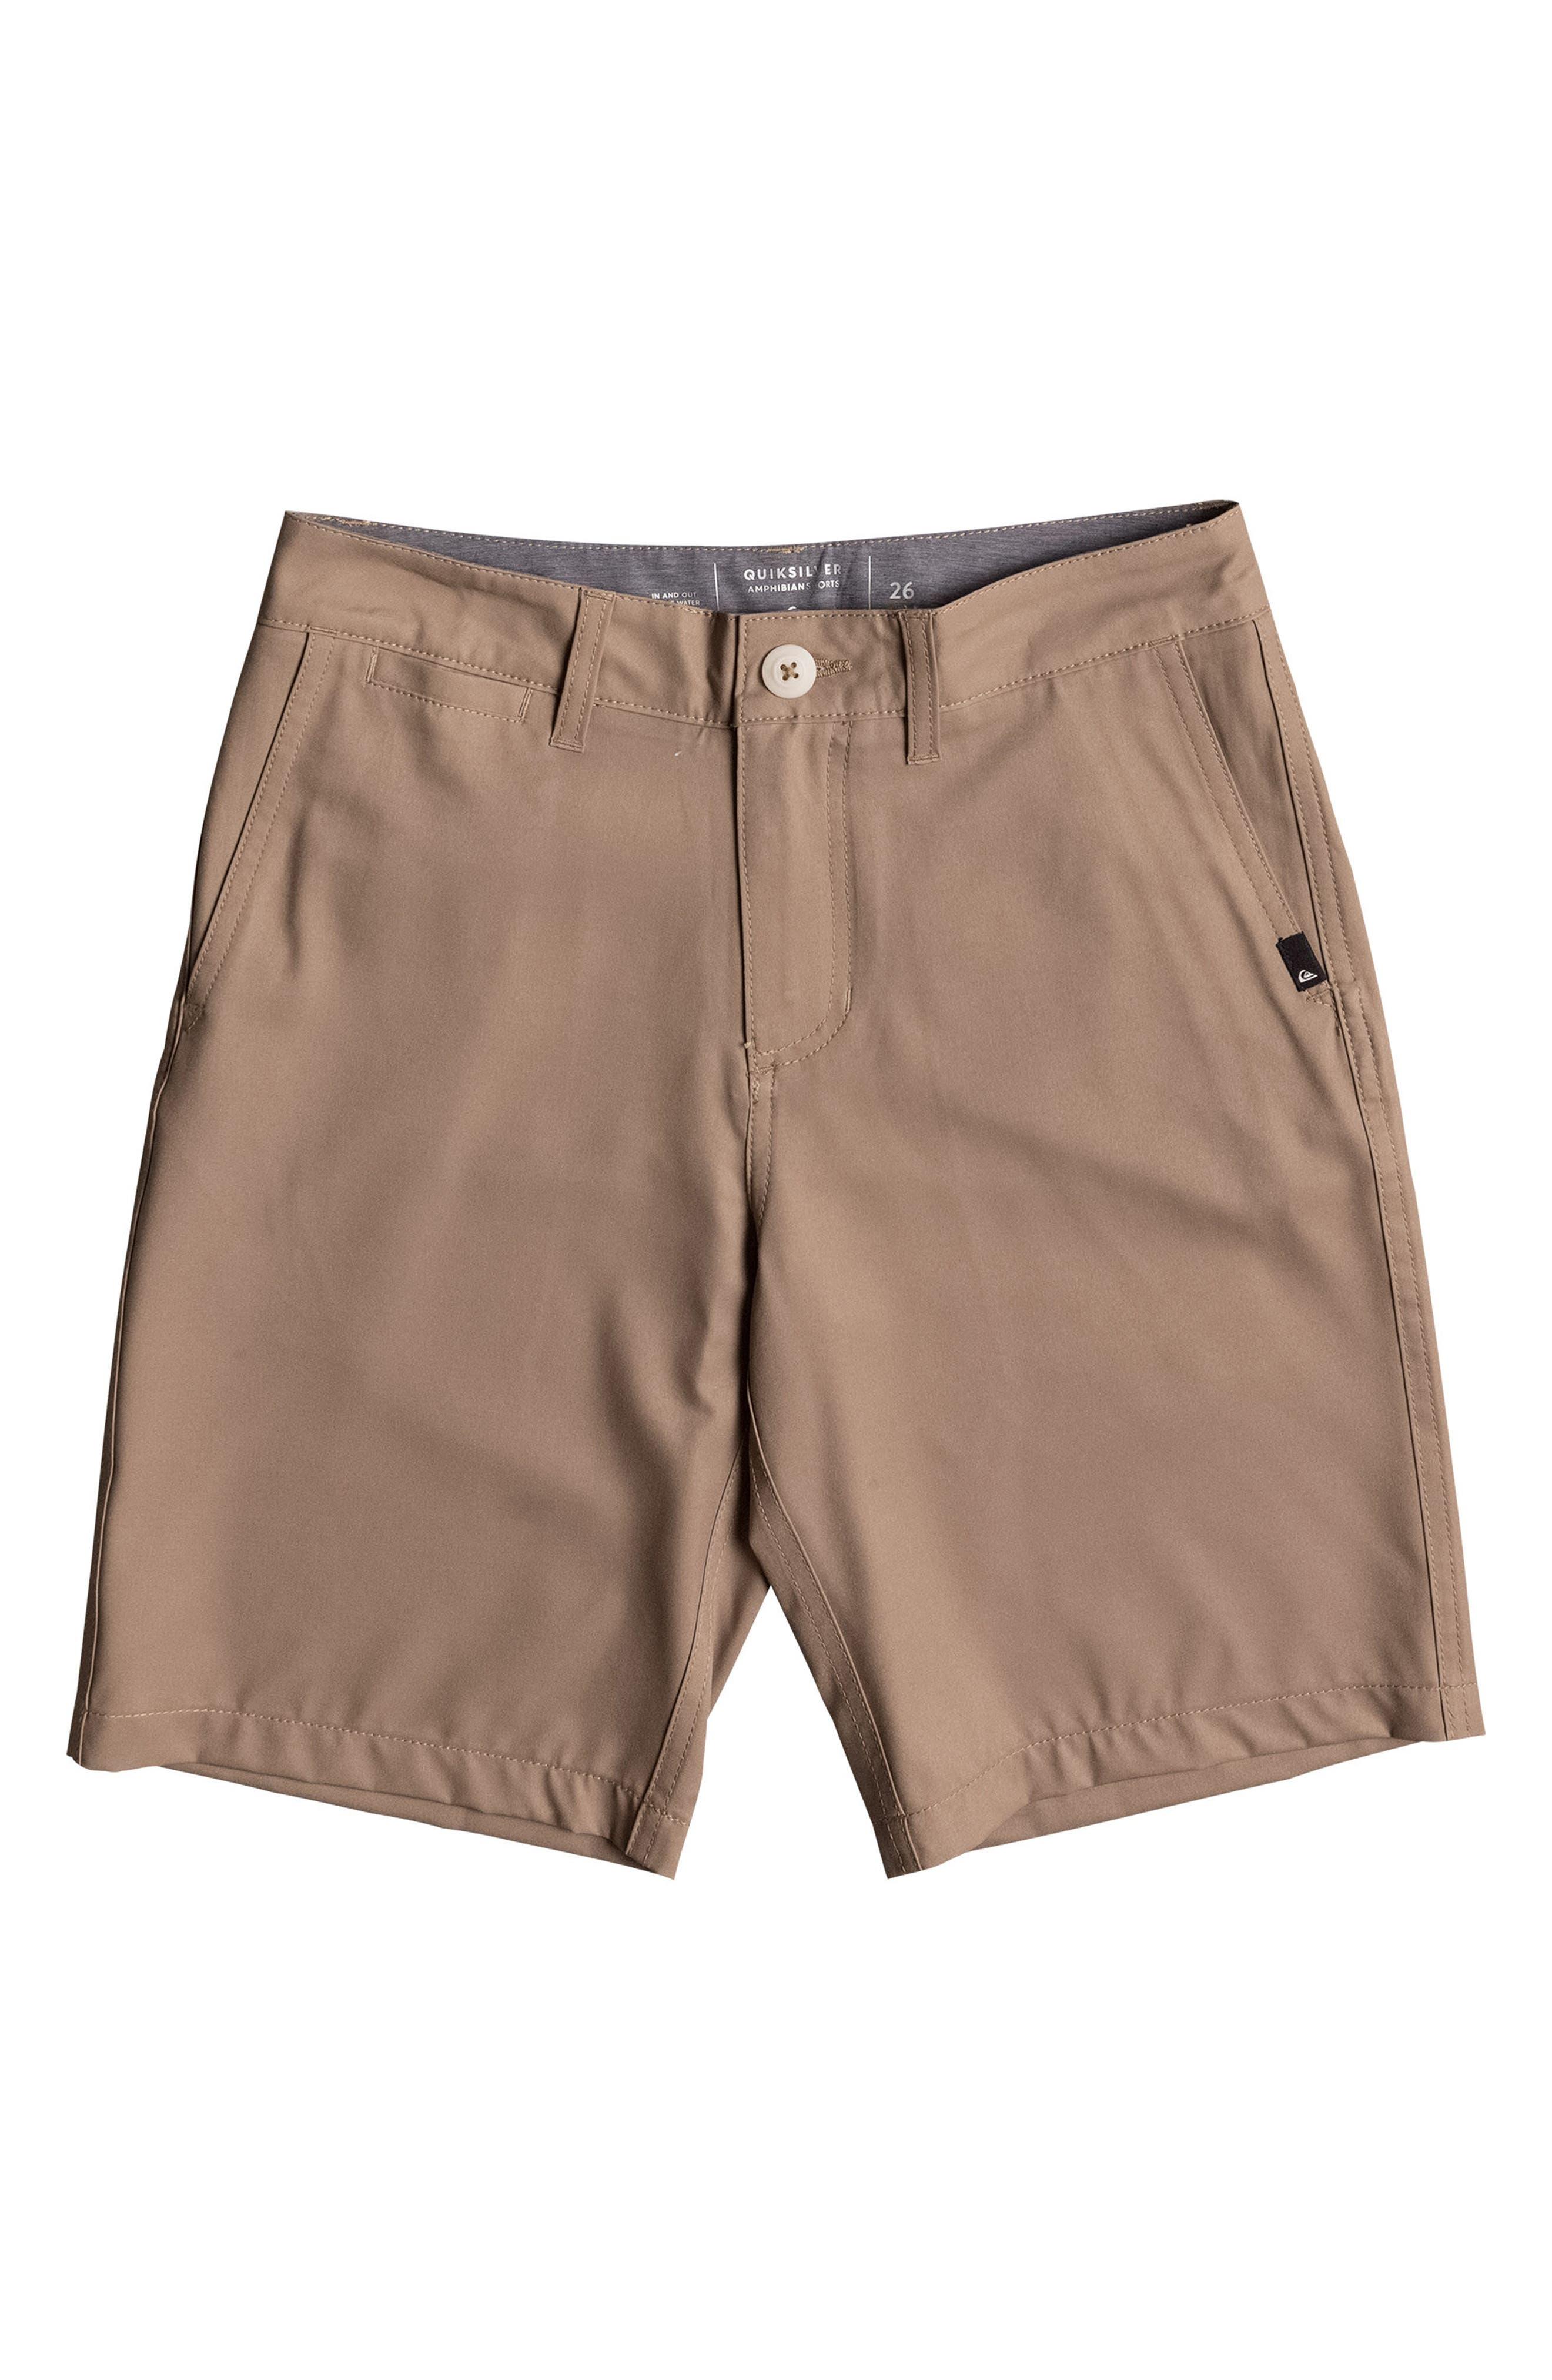 Union Amphibian Shorts,                         Main,                         color, 253